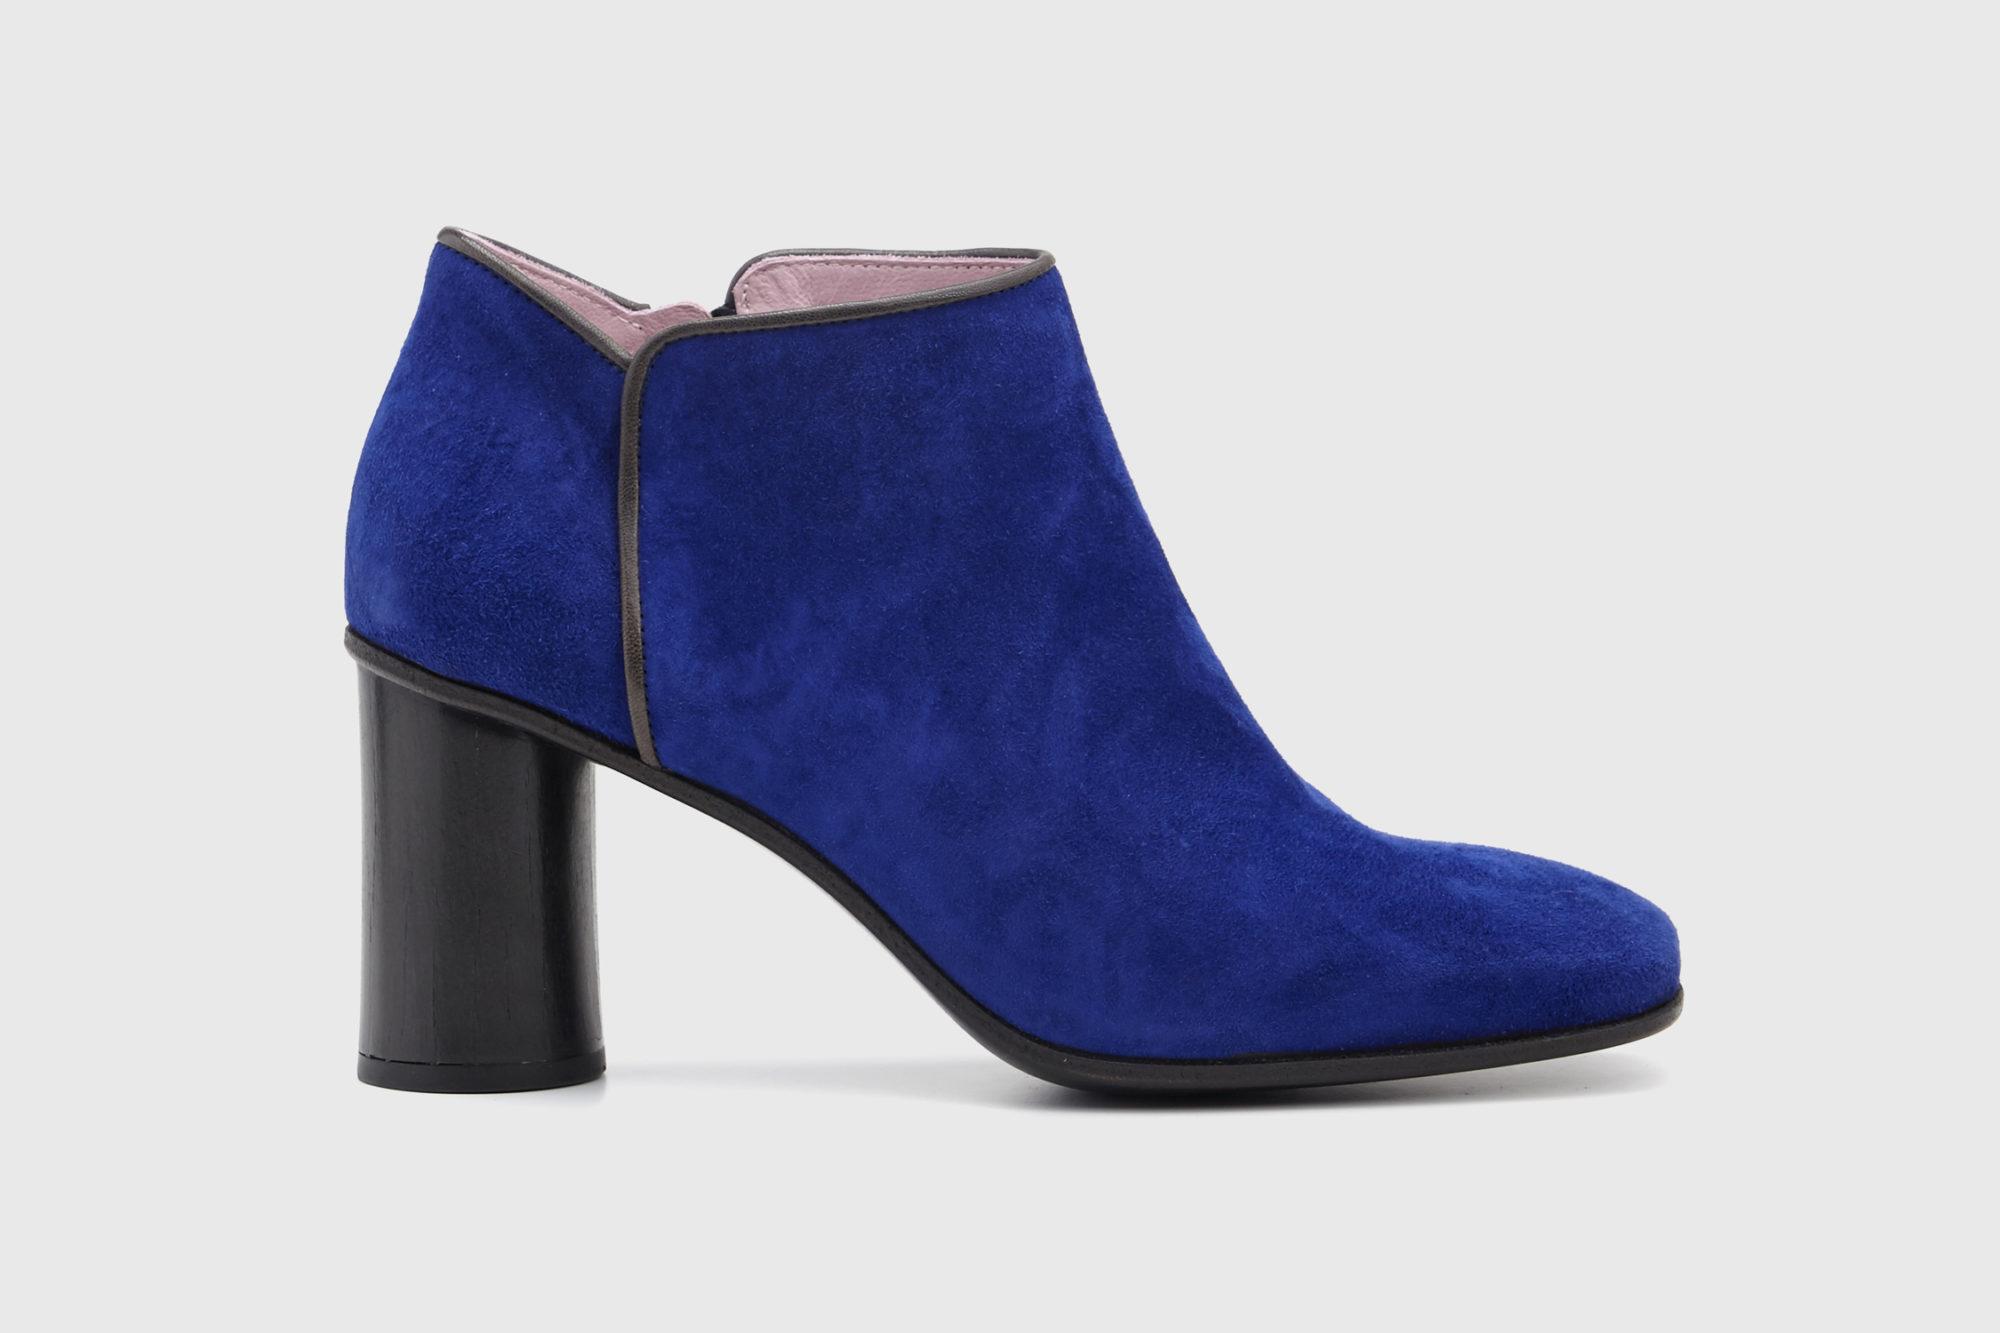 Dorotea zapato abotinado Zoe azul klein ss17 eprfil